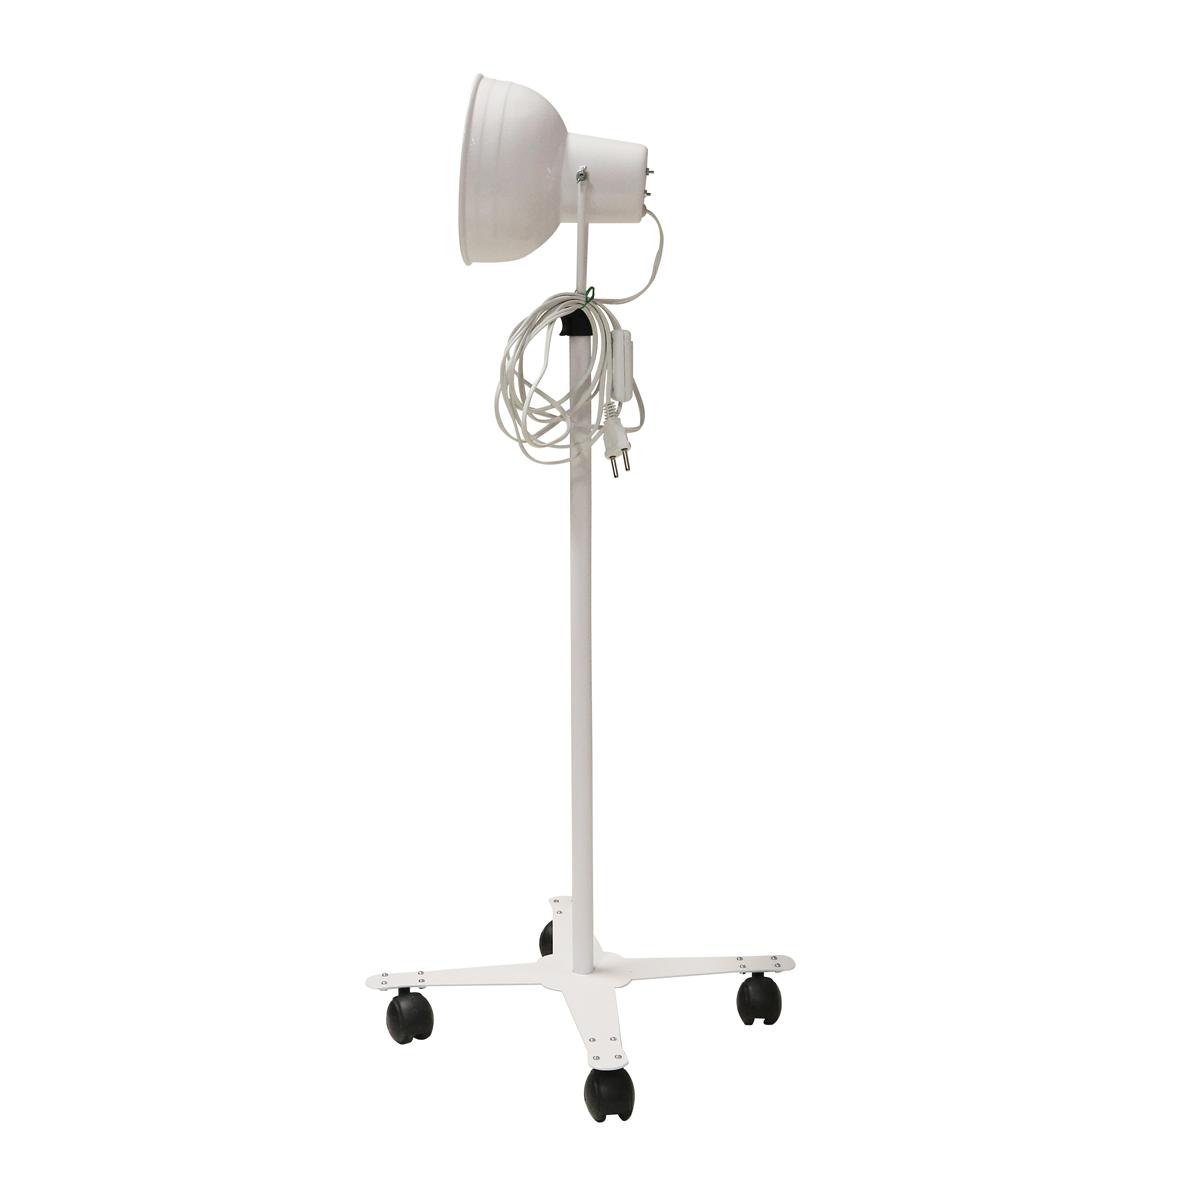 Suporte Para Infravermelho De Pedestal Sem Lâmpada Com Interruptor Para Fisioterapia - Shopfisio